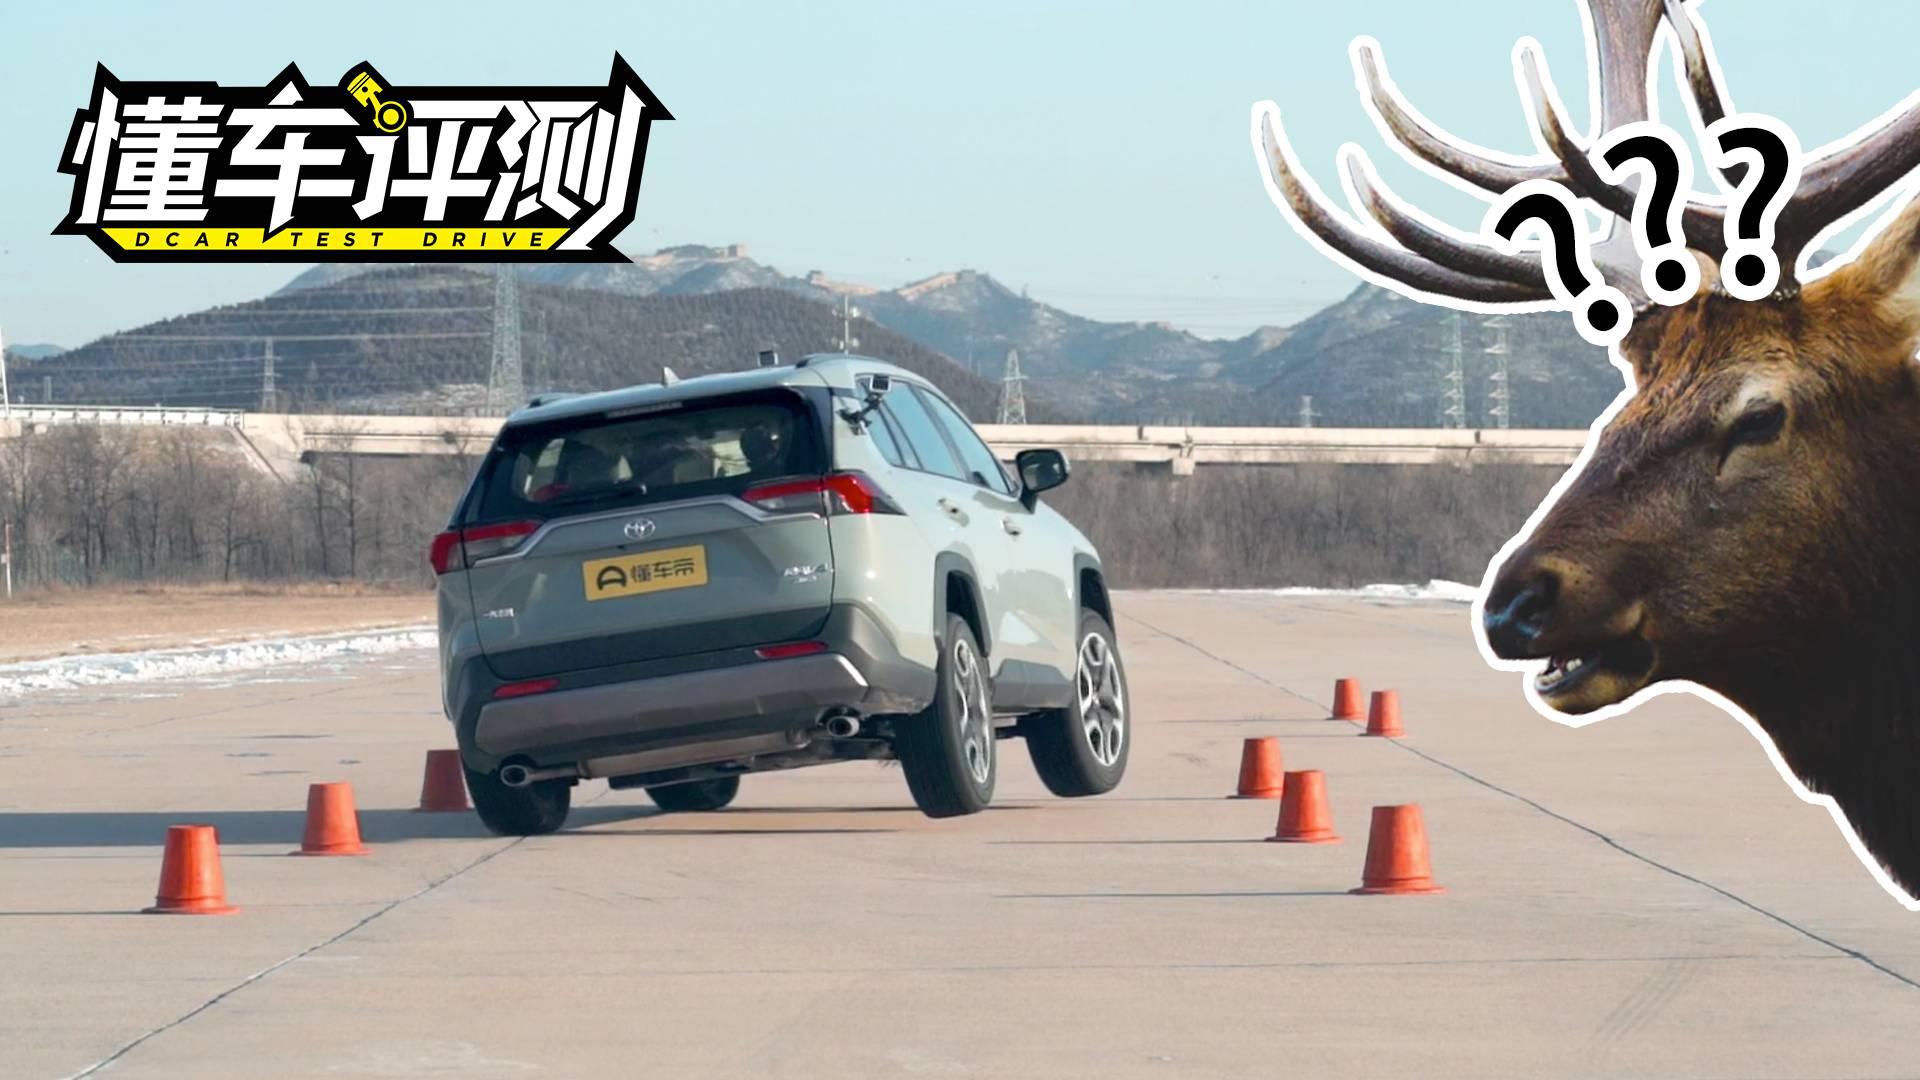 全新丰田RAV4荣放与领克01麋鹿测试专项评测